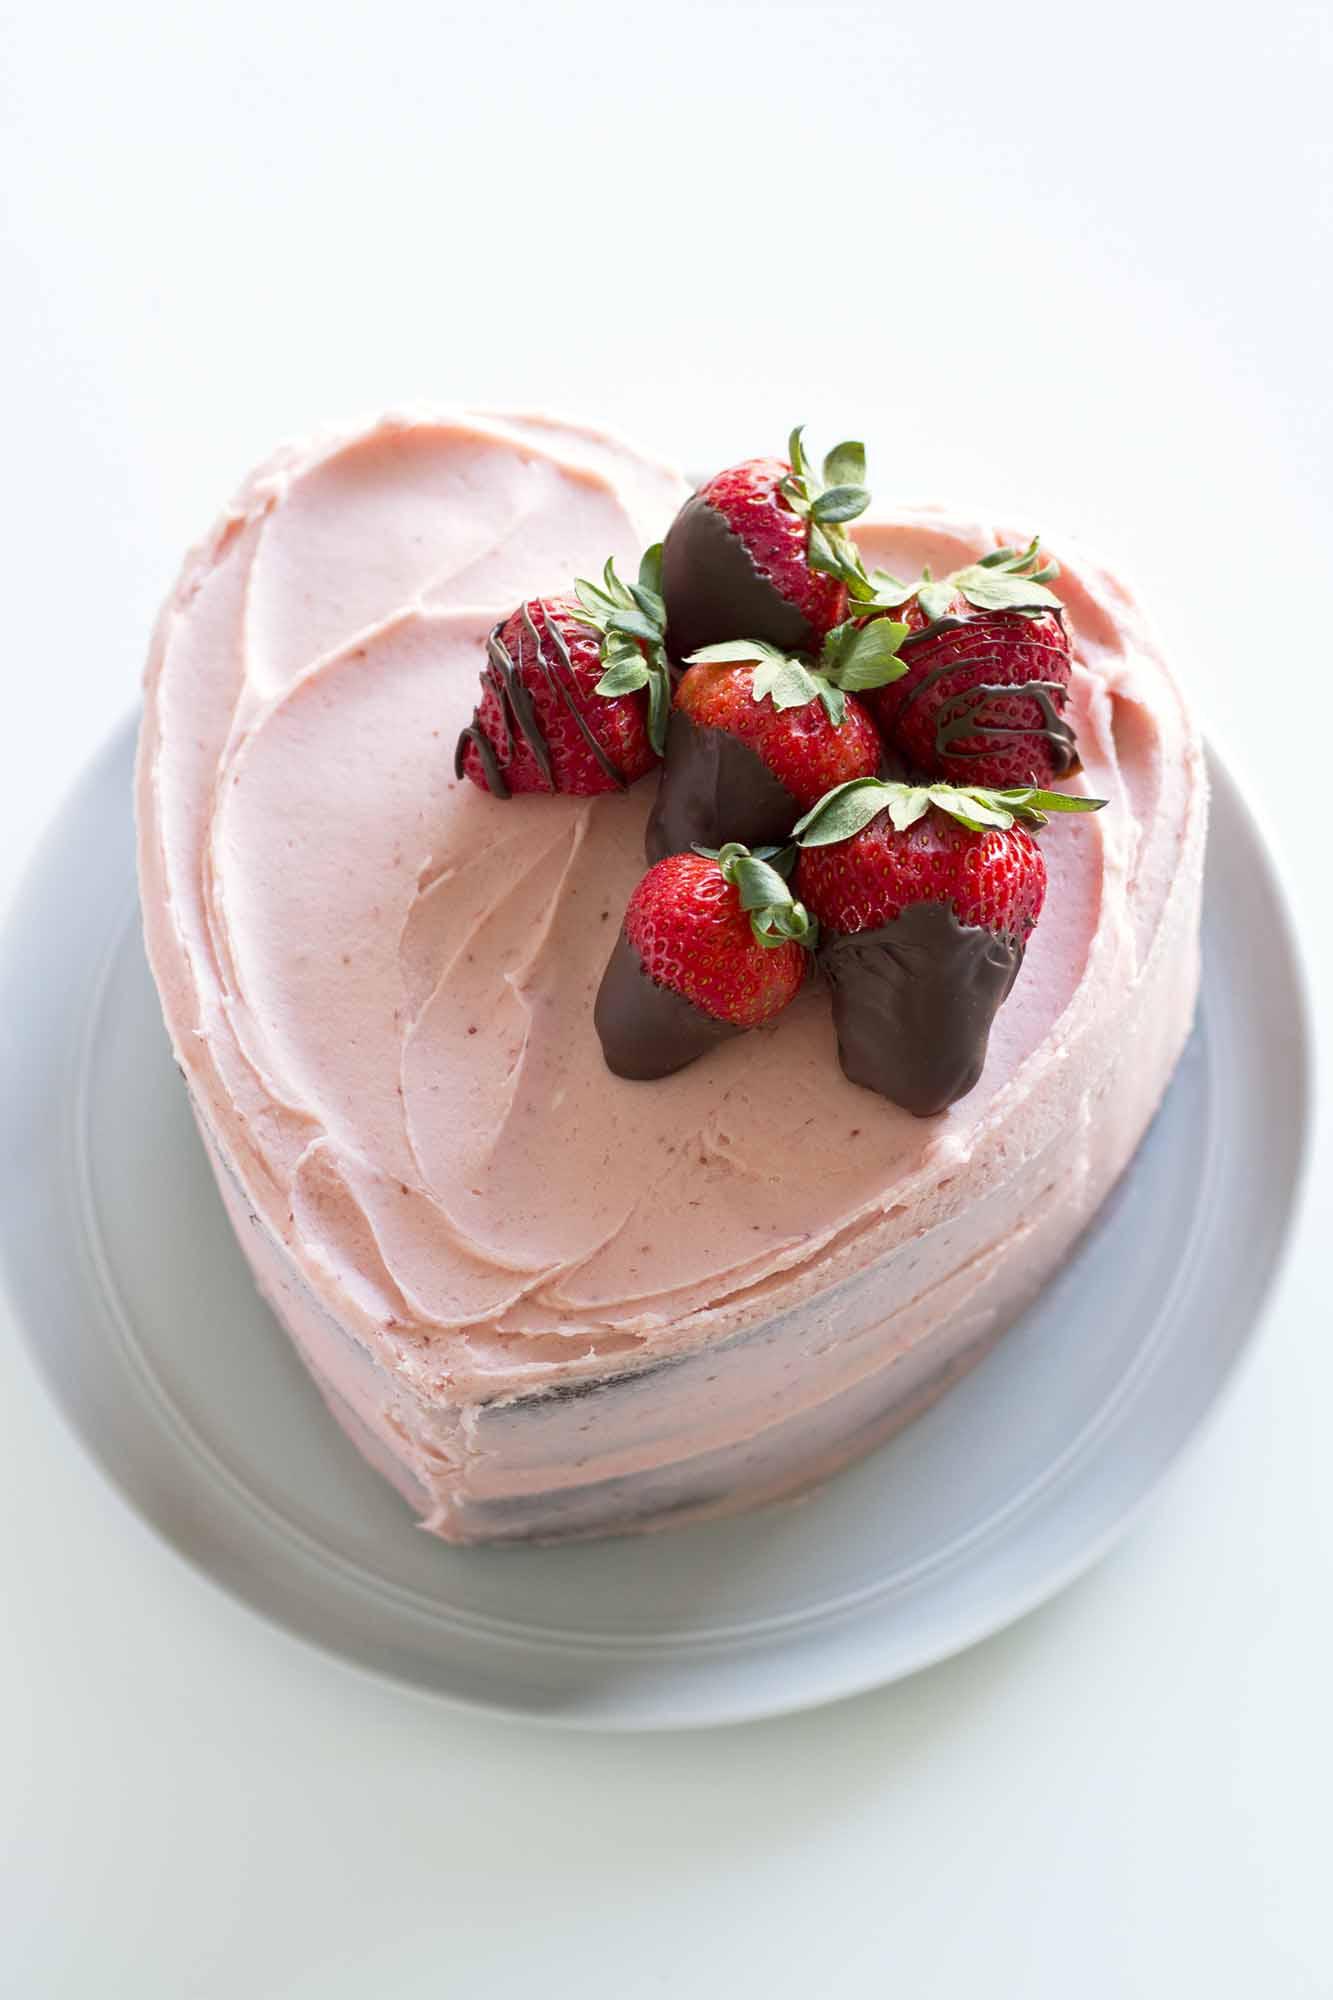 Heart Shaped Chocolate Strawberry Cake | girlversusdough.com @girlversusdough